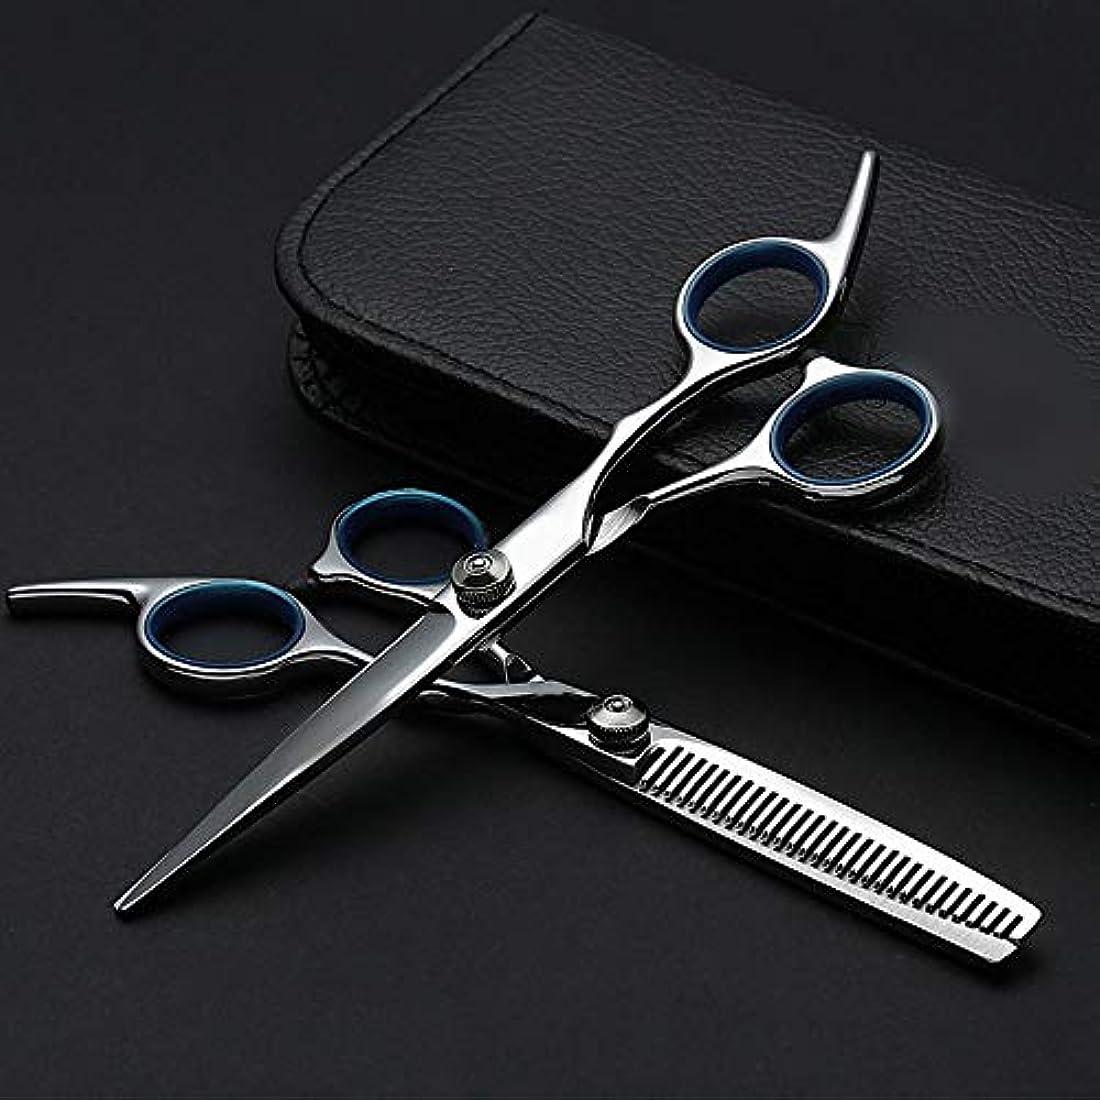 狂乱うめきキャプチャー6インチプロフェッショナル理髪セット、ハサミ+フラットハサミ モデリングツール (色 : Silver)